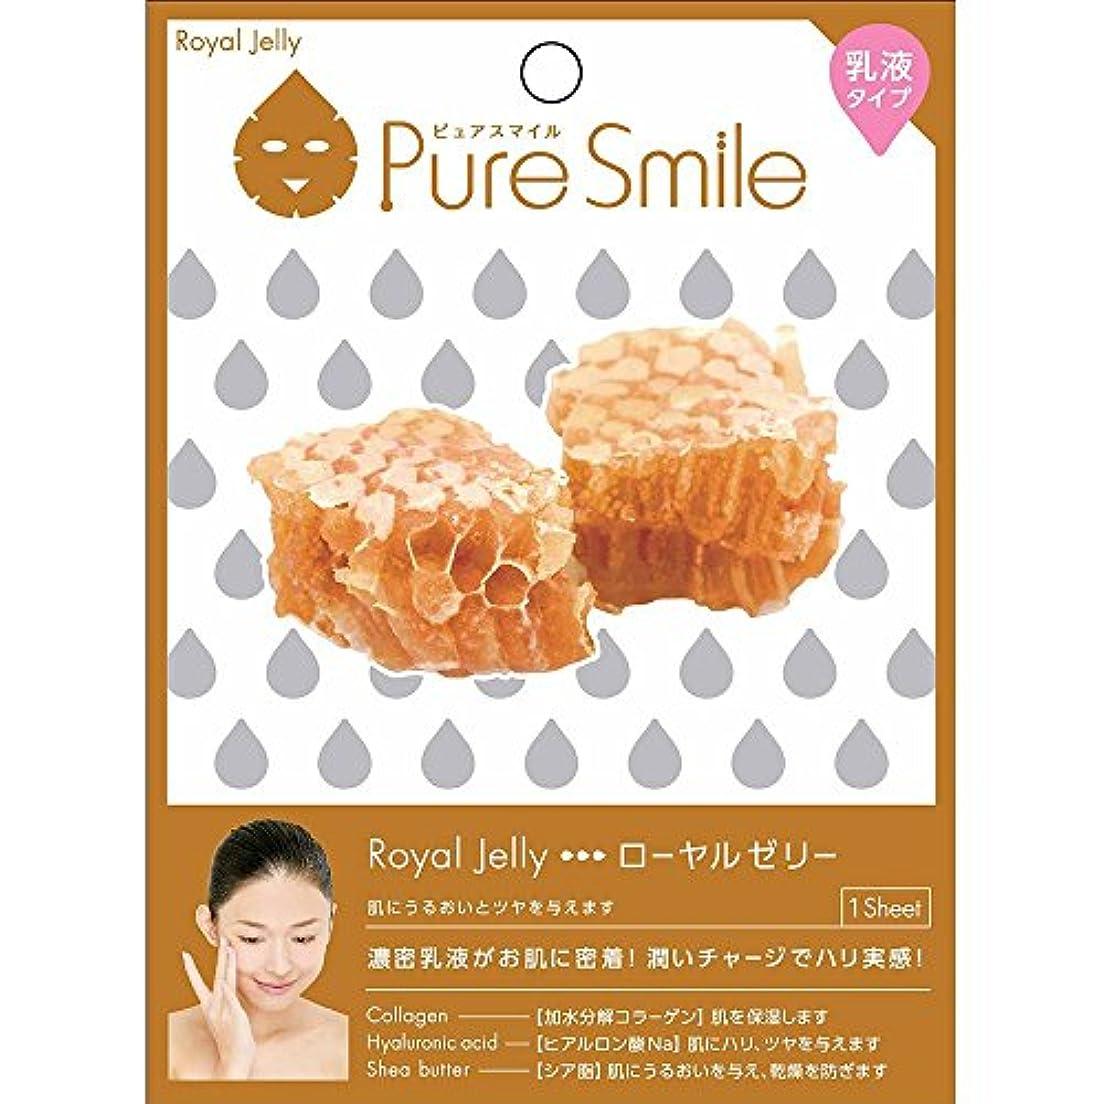 薄暗い腐敗買い物に行くPure Smile(ピュアスマイル) 乳液エッセンスマスク 1 枚 ローヤルゼリー